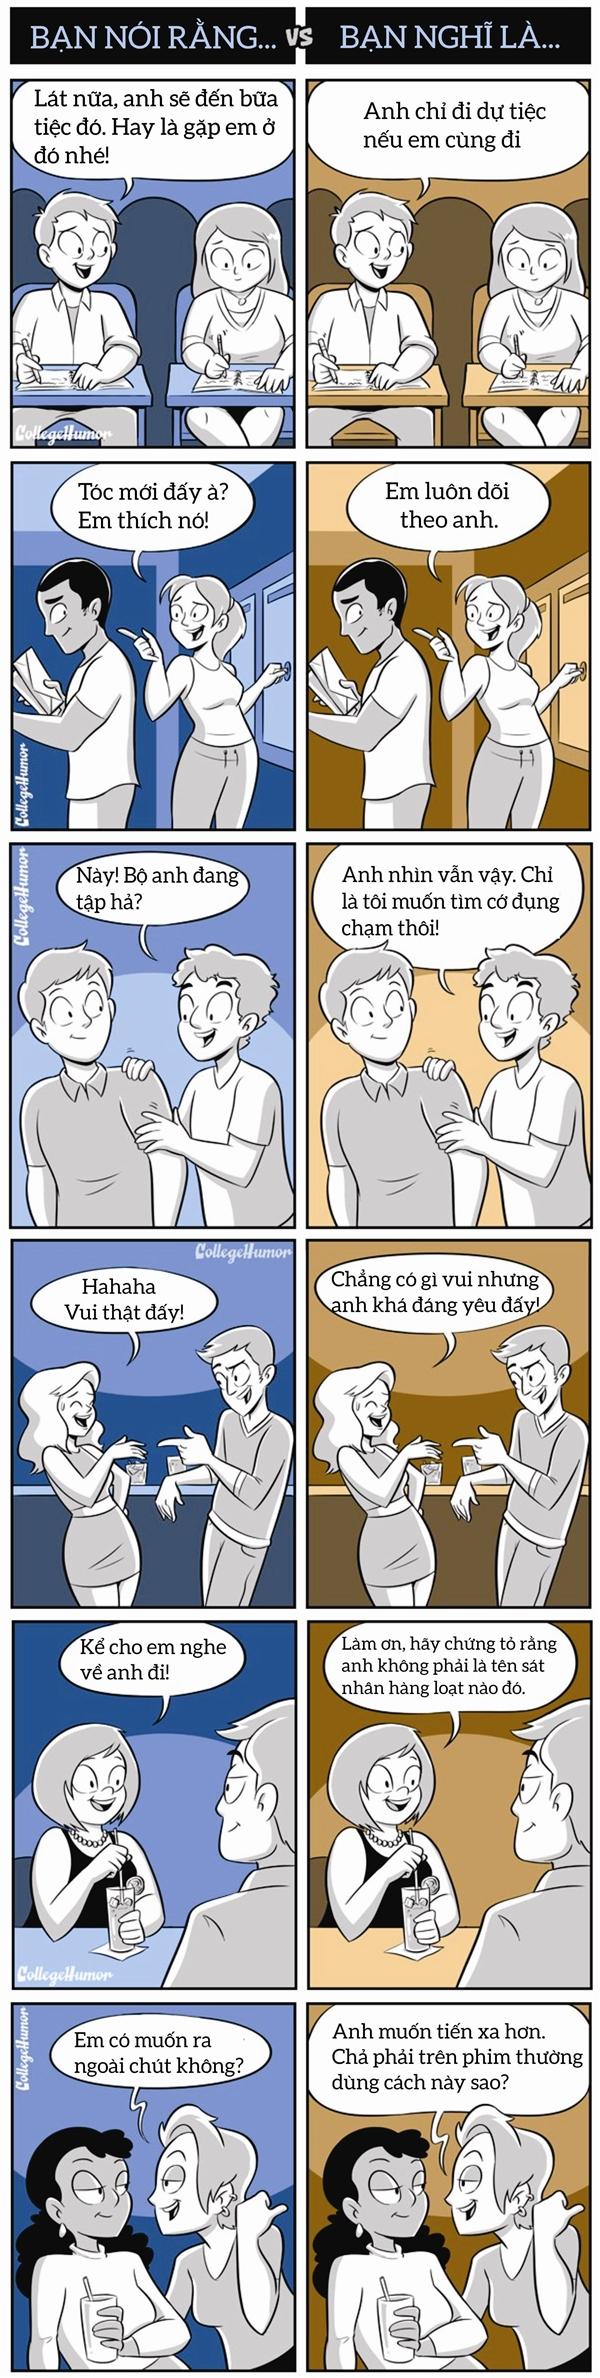 Sự khác biệt giữa lời nói và suy nghĩ. (Ảnh: Internet)